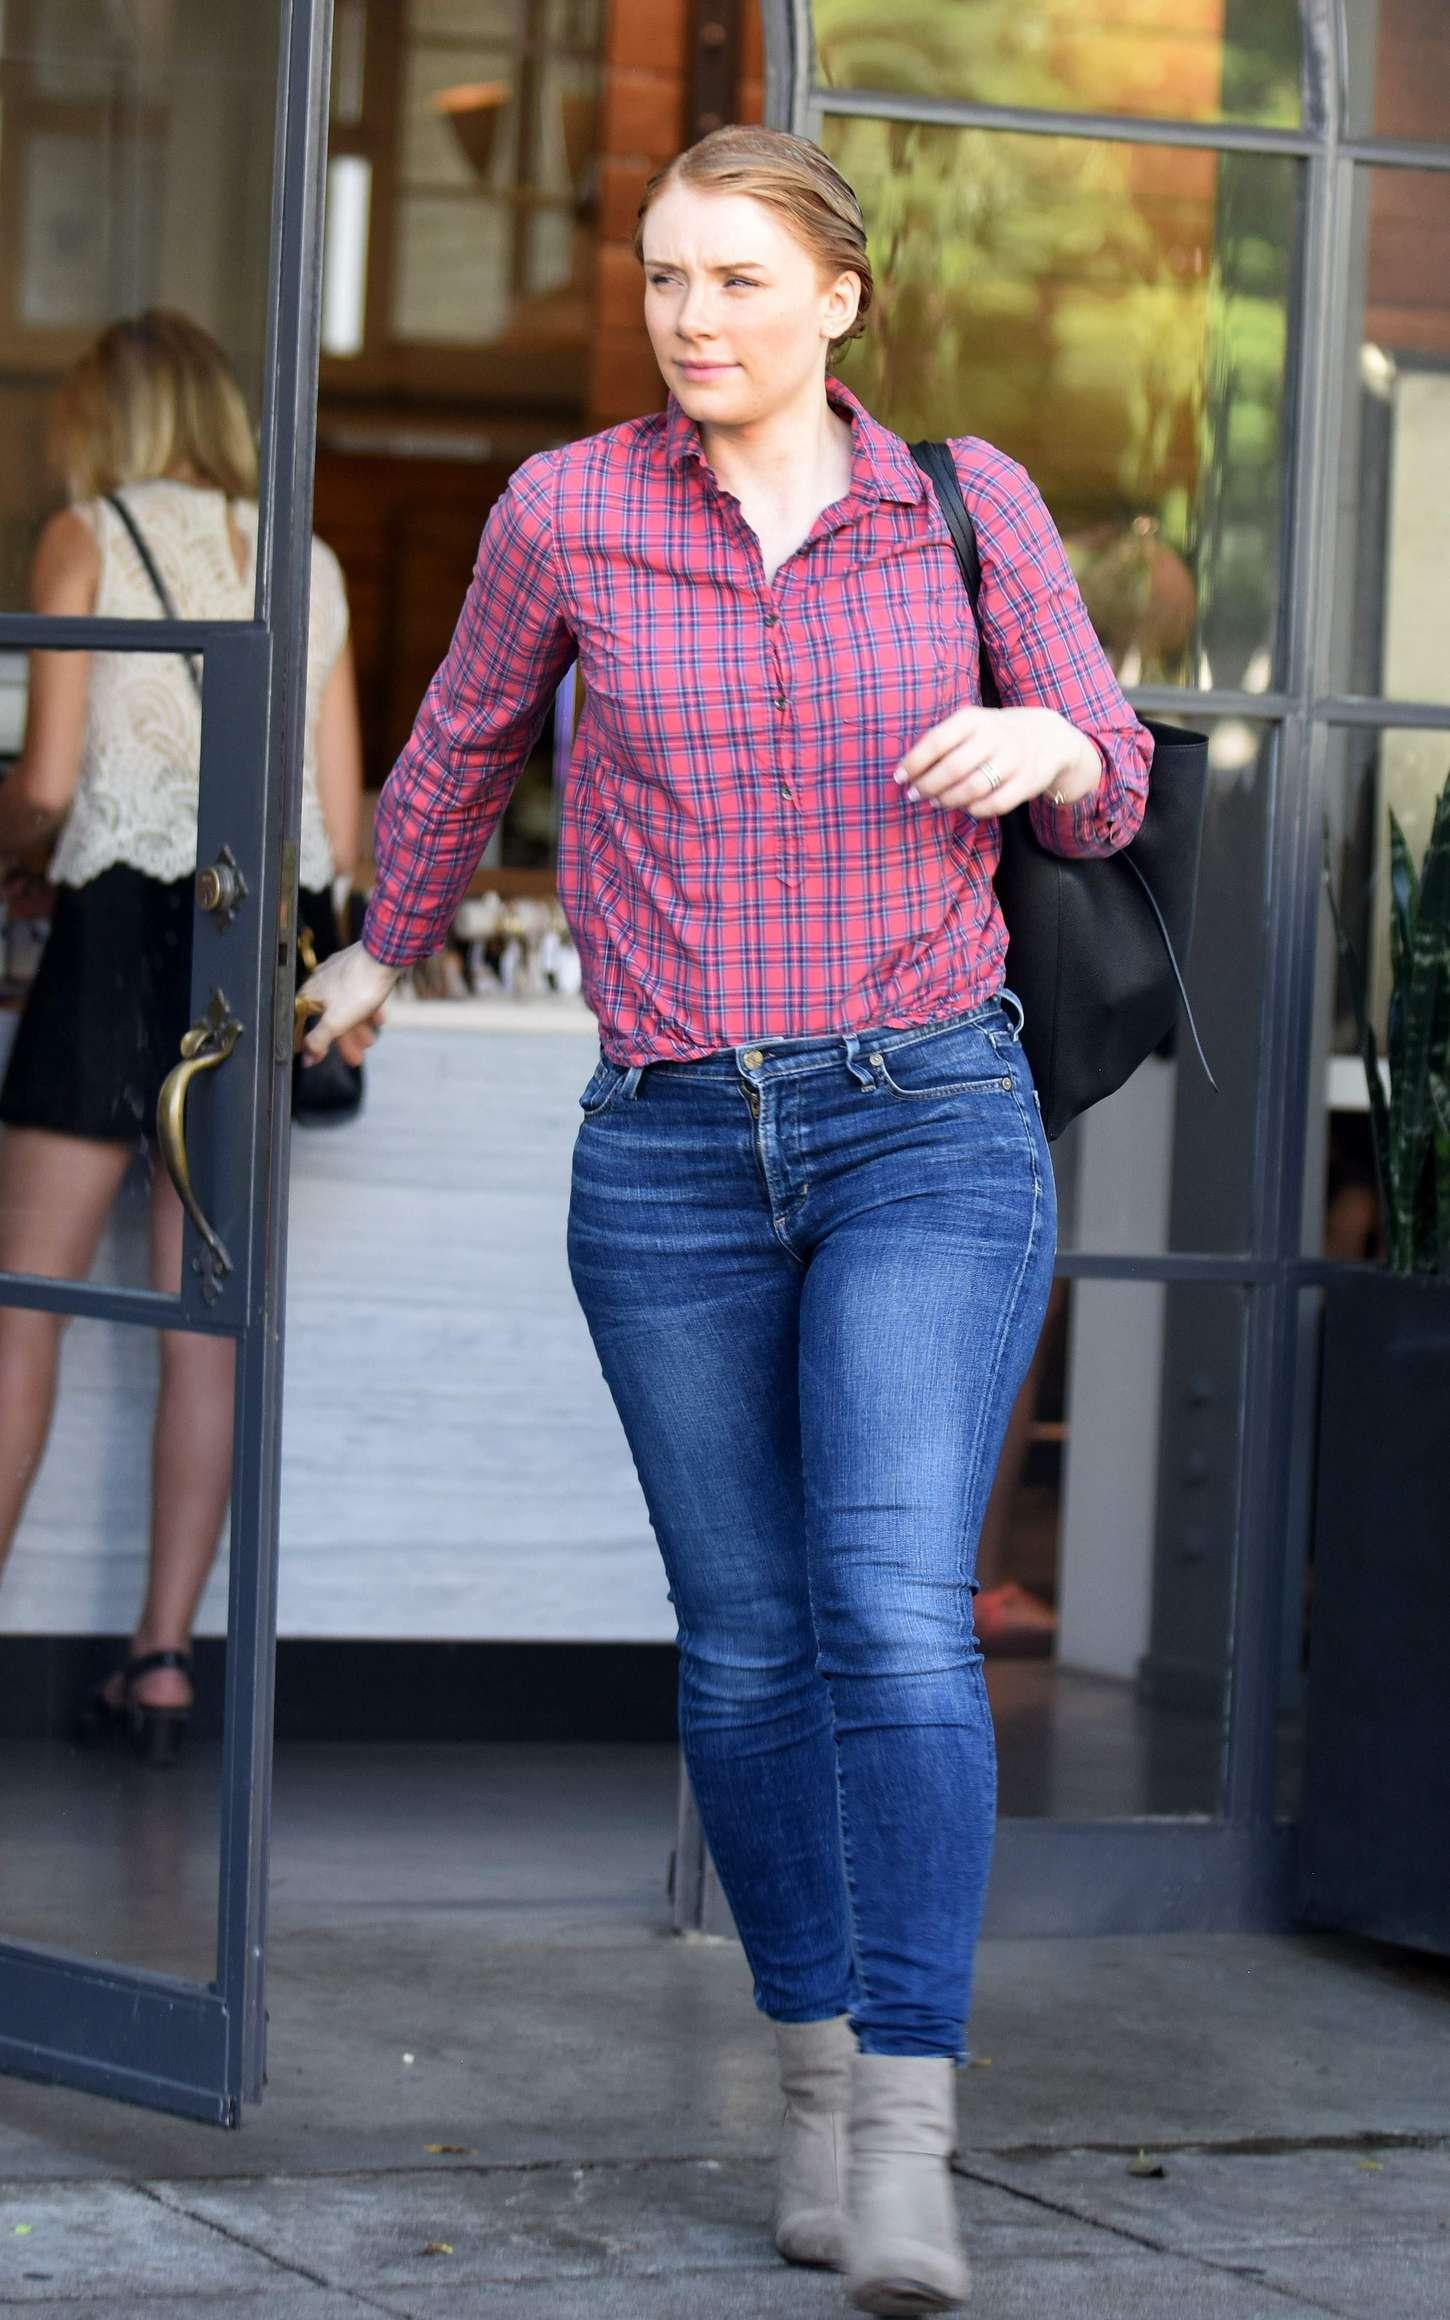 Bryce Dallas Howard In Jeans 16 Gotceleb